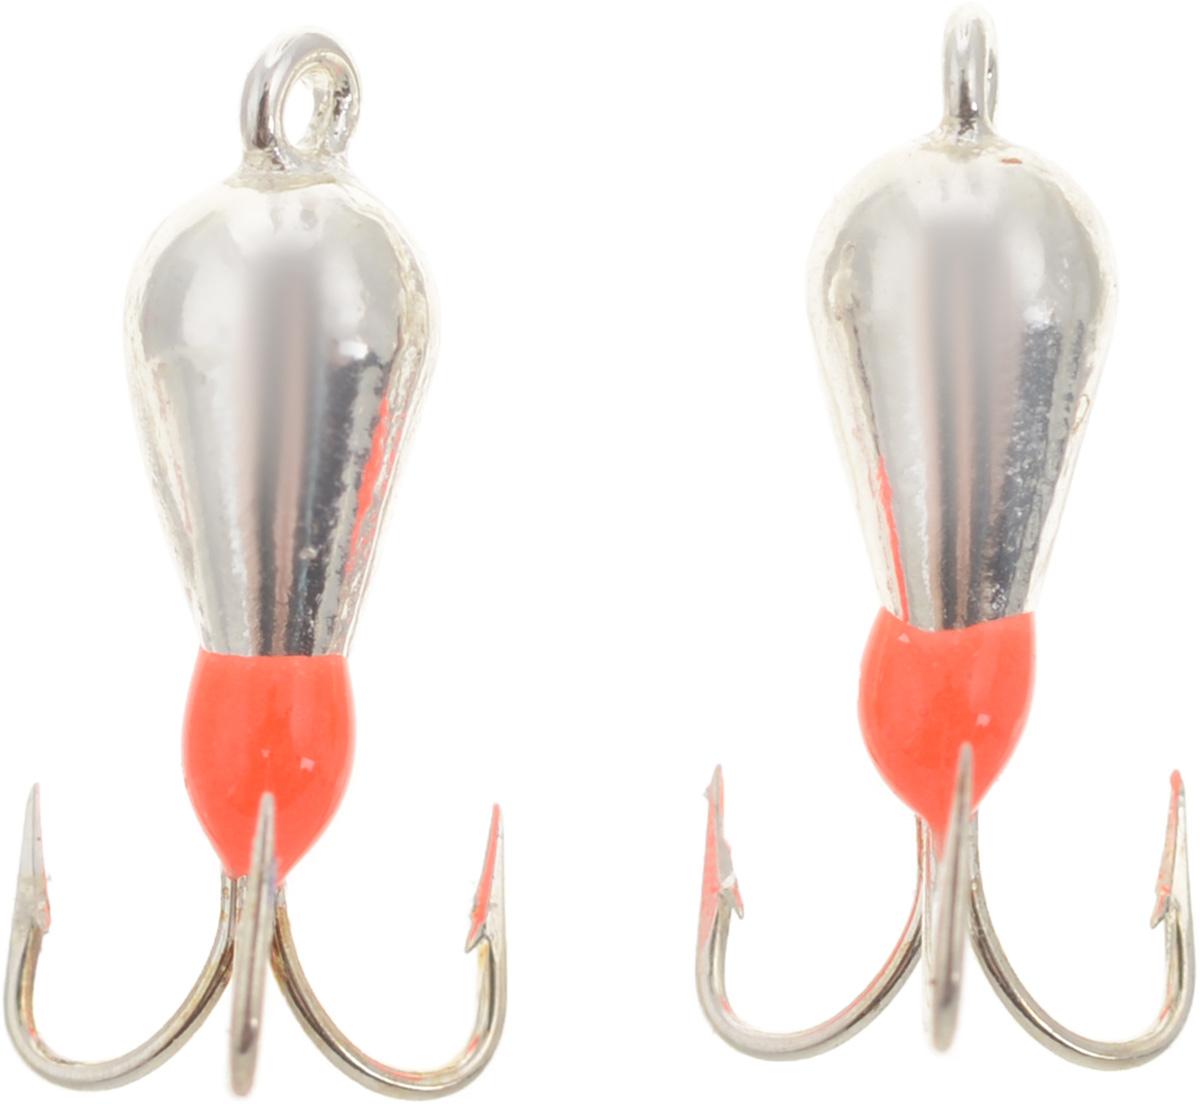 Чертик вольфрамовый Finnex, цвет: серебристый, оранжевый, 0,56 г, 2 штT2AG+Вольфрамовый чертик Finnex - одна из самых популярных приманок для ловли леща, плотвы и другой белой рыбы. Особенно хорошо работает приманка на всевозможных водохранилищах. Не пропустит ее и другая рыба, в том числе окунь, судак и щука.